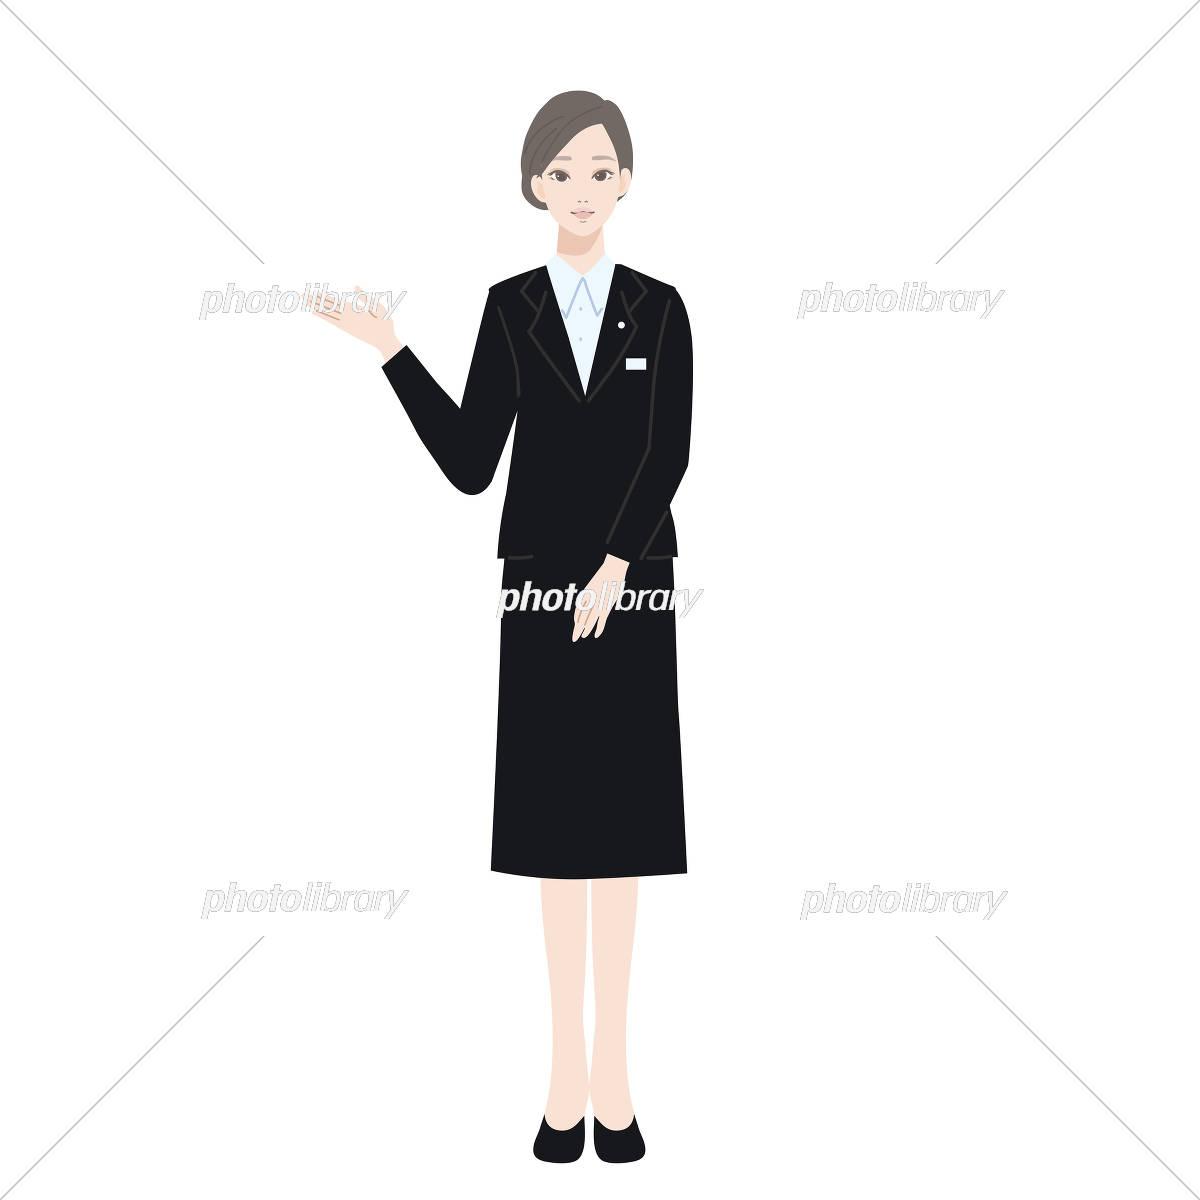 スーツ 女性 イラスト イラスト素材 5373791 フォトライブラリー